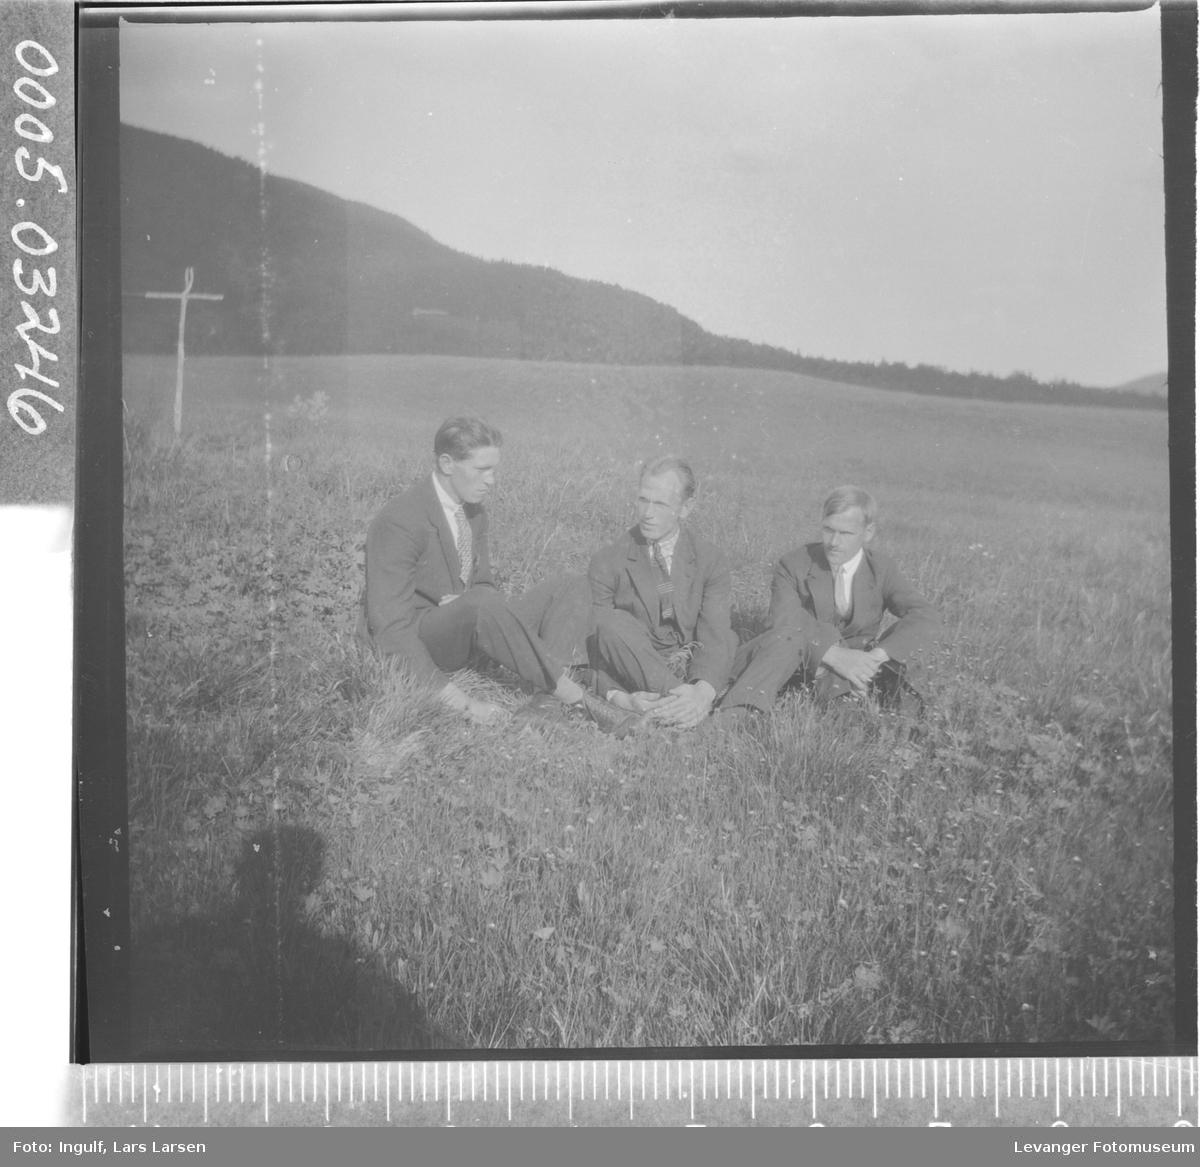 Gruppebilde av tre menn som sitter i en eng.